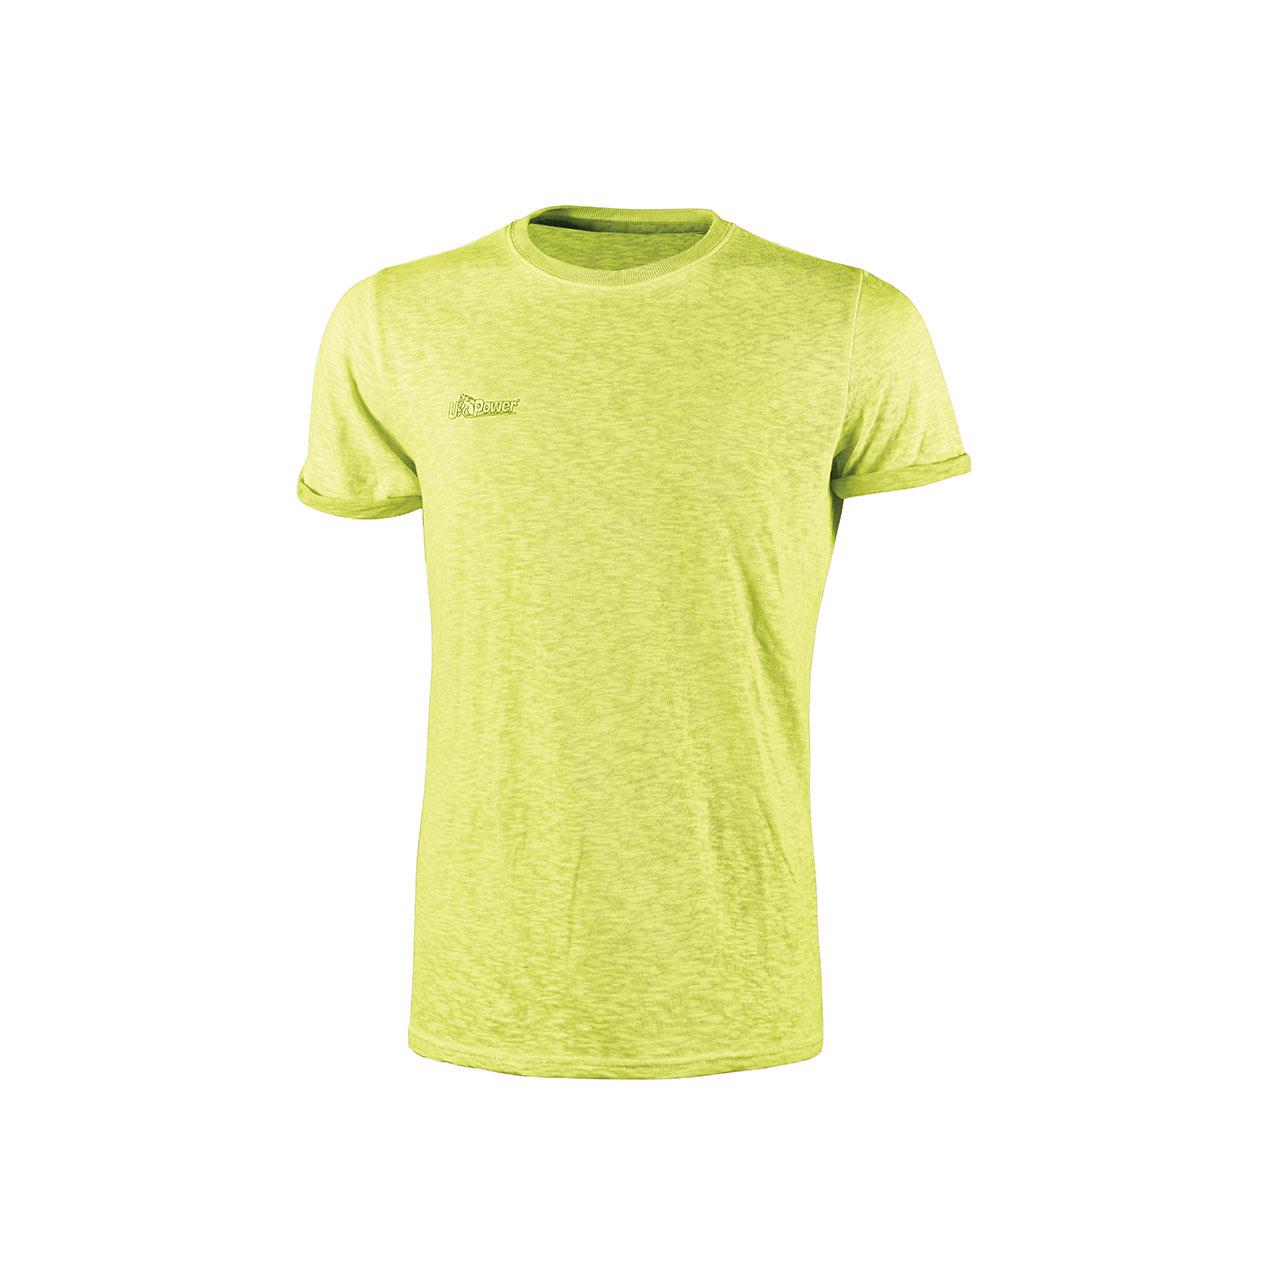 Tshirt da lavoro upower modello fluo colore yellow fluo prodotto